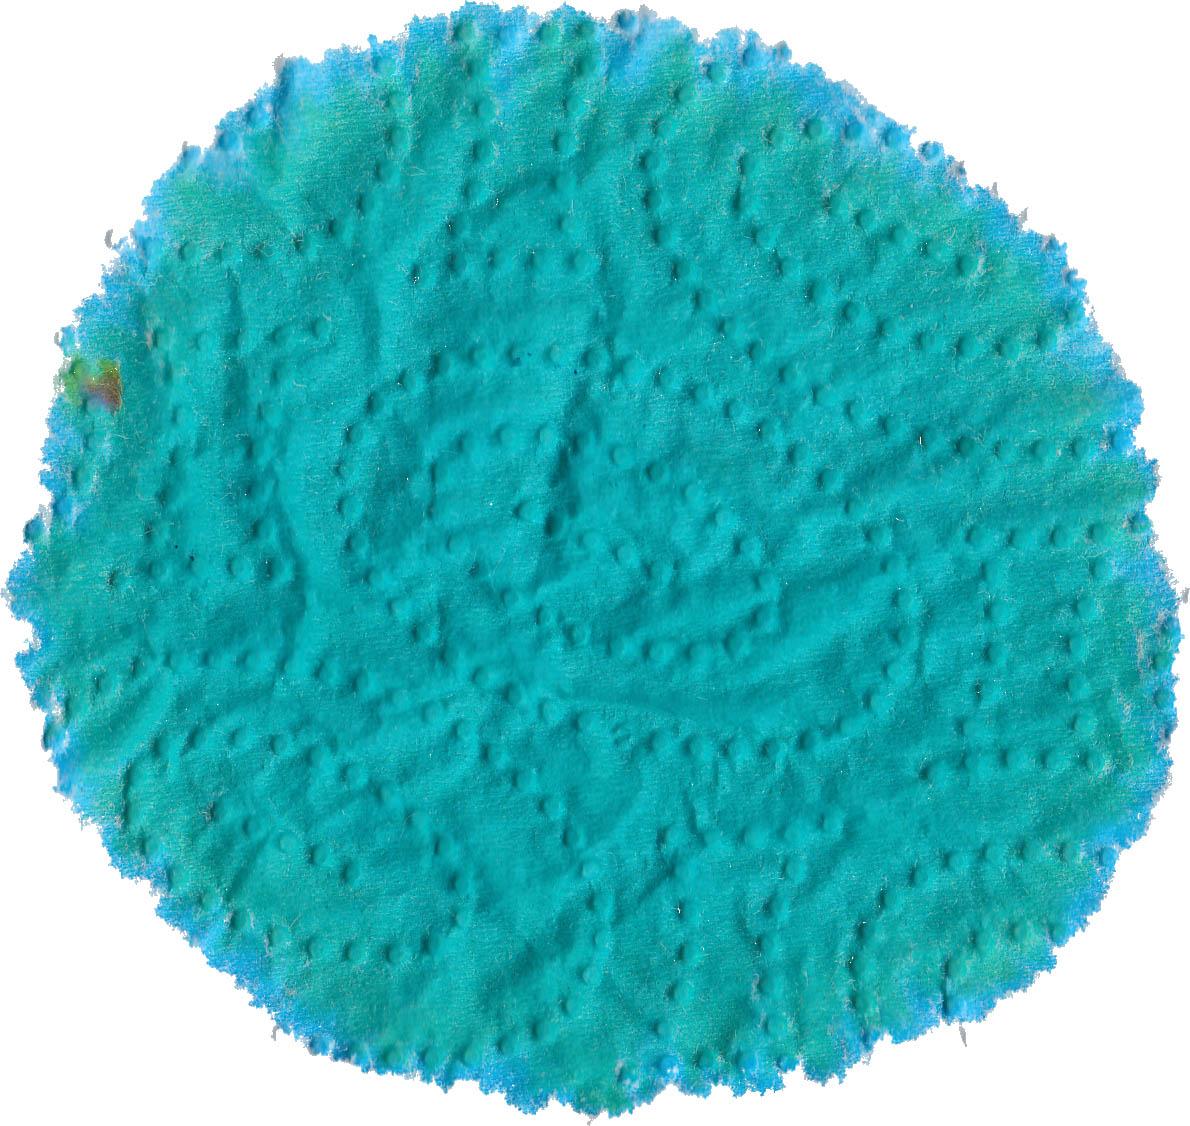 fpn_1501530823__turquoise_gvfc_rk.jpg